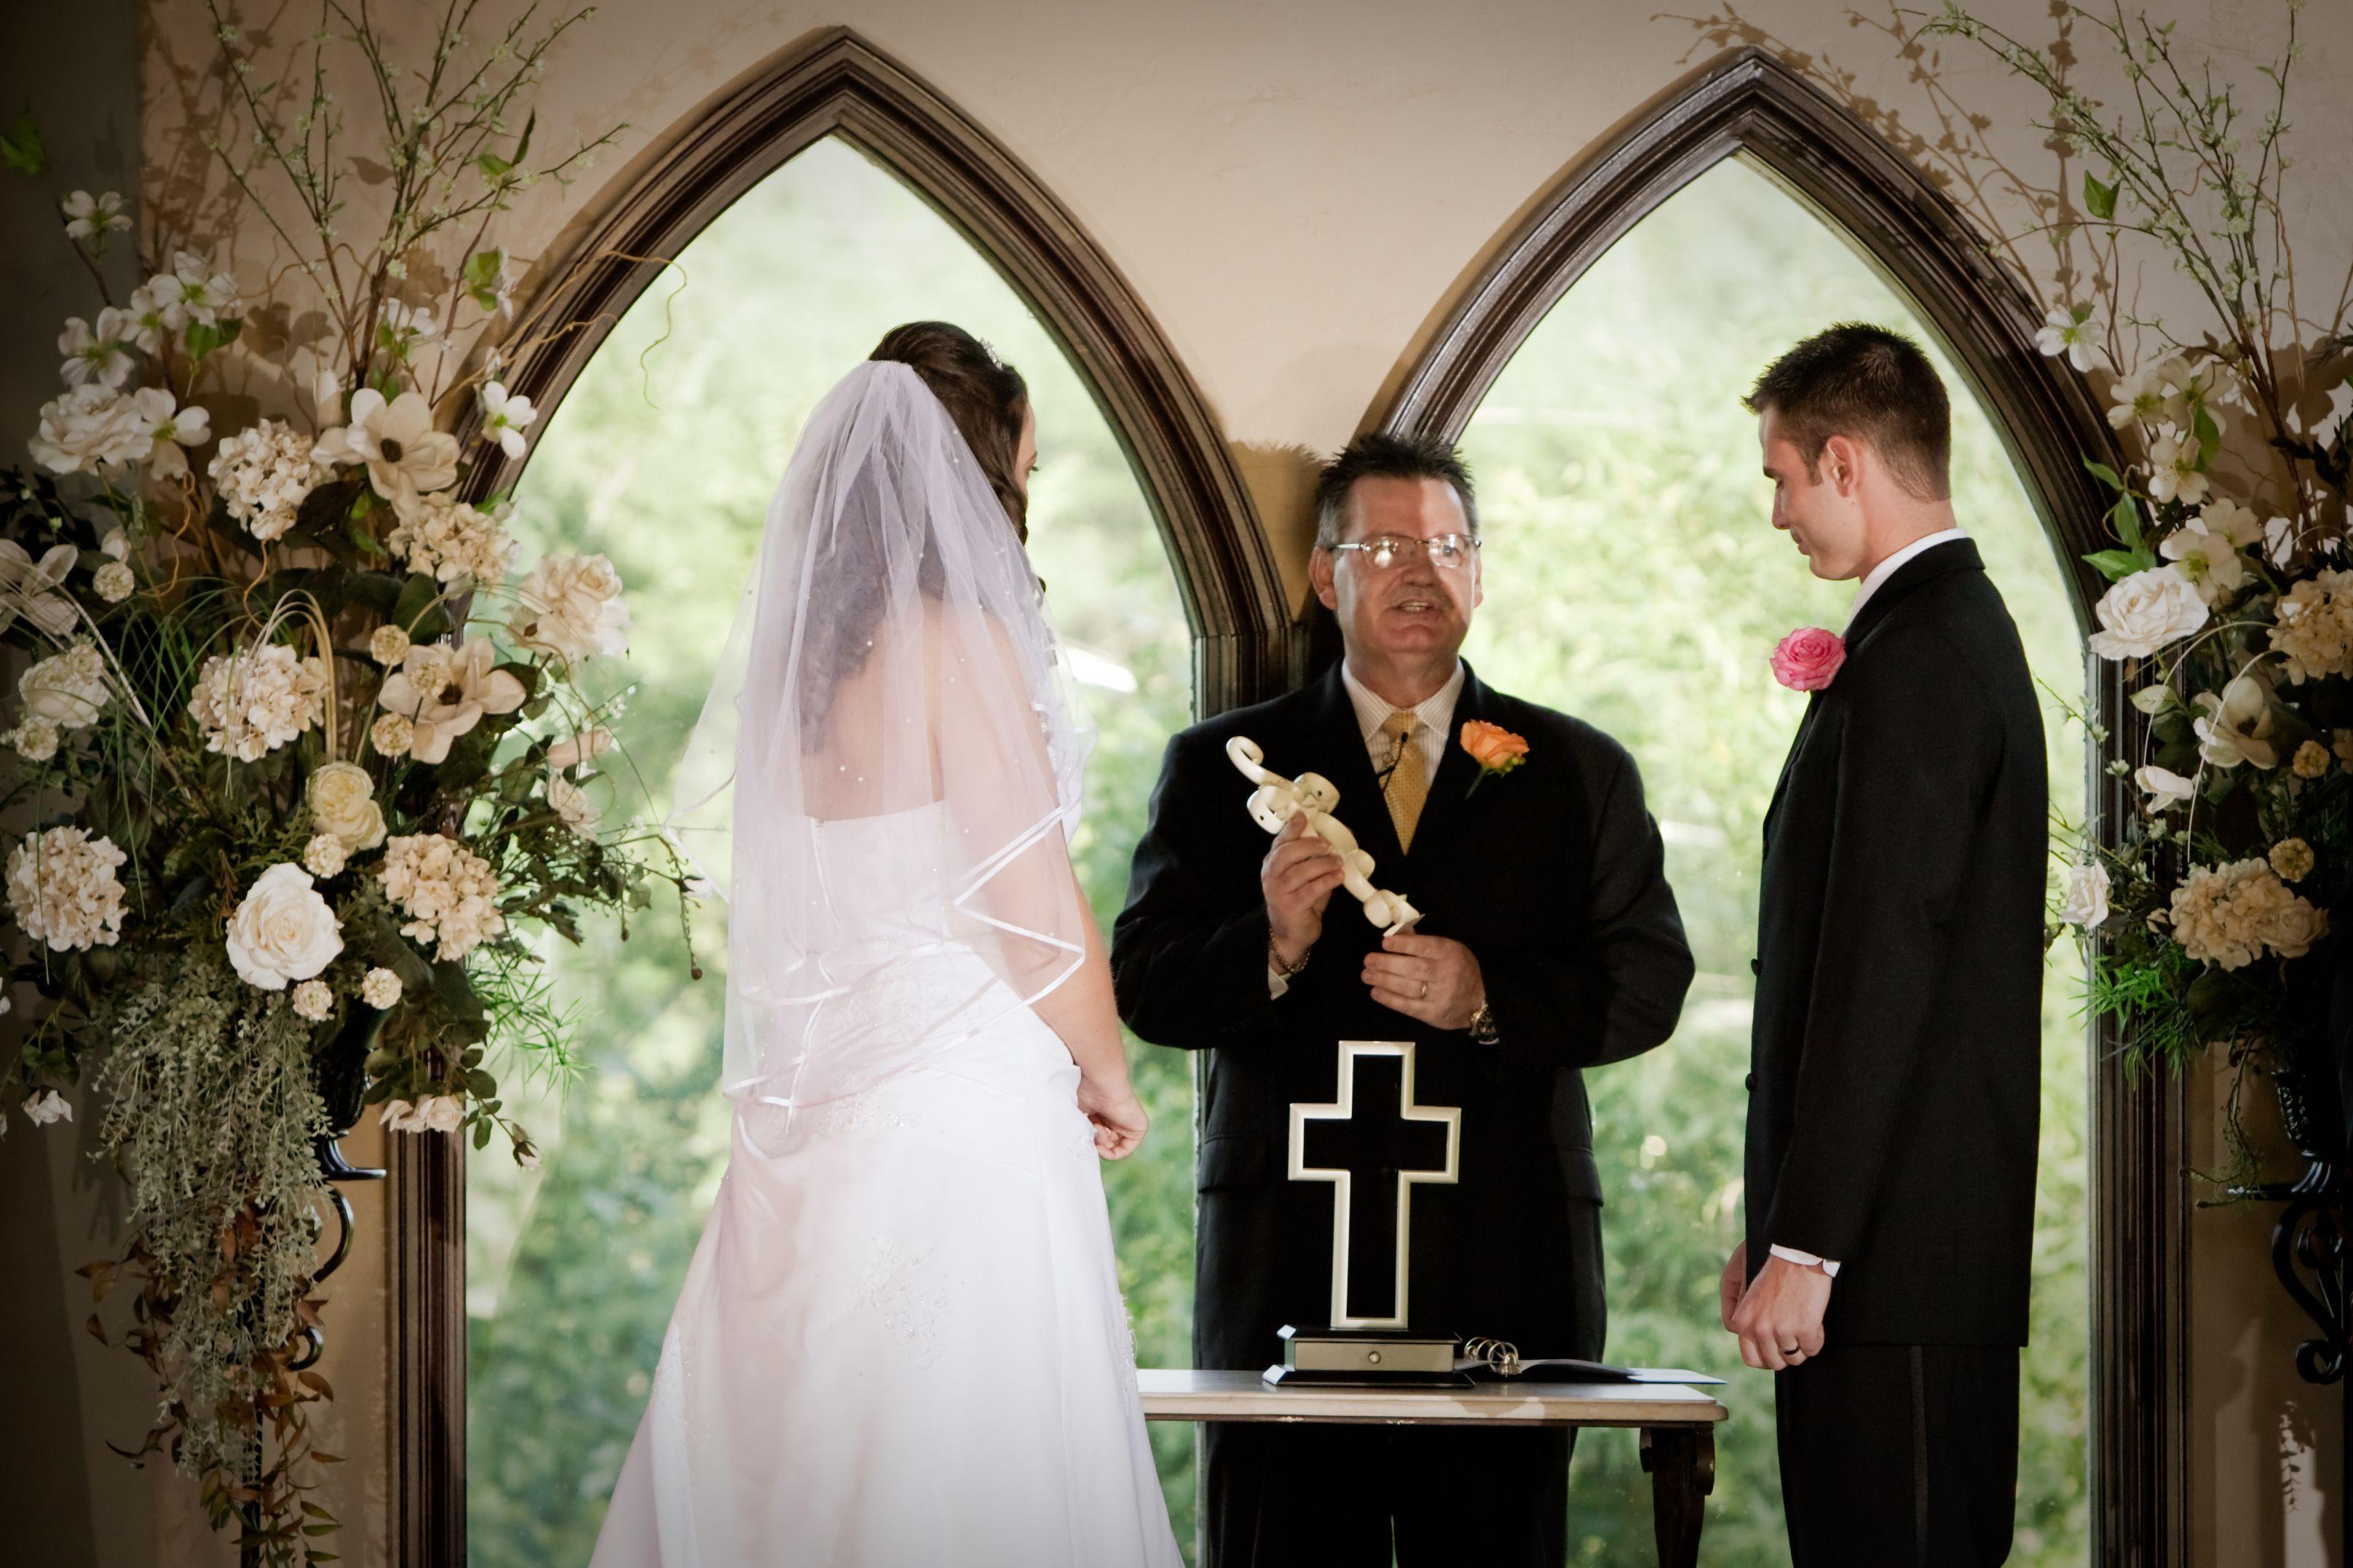 38+ Unity cross catholic wedding ideas